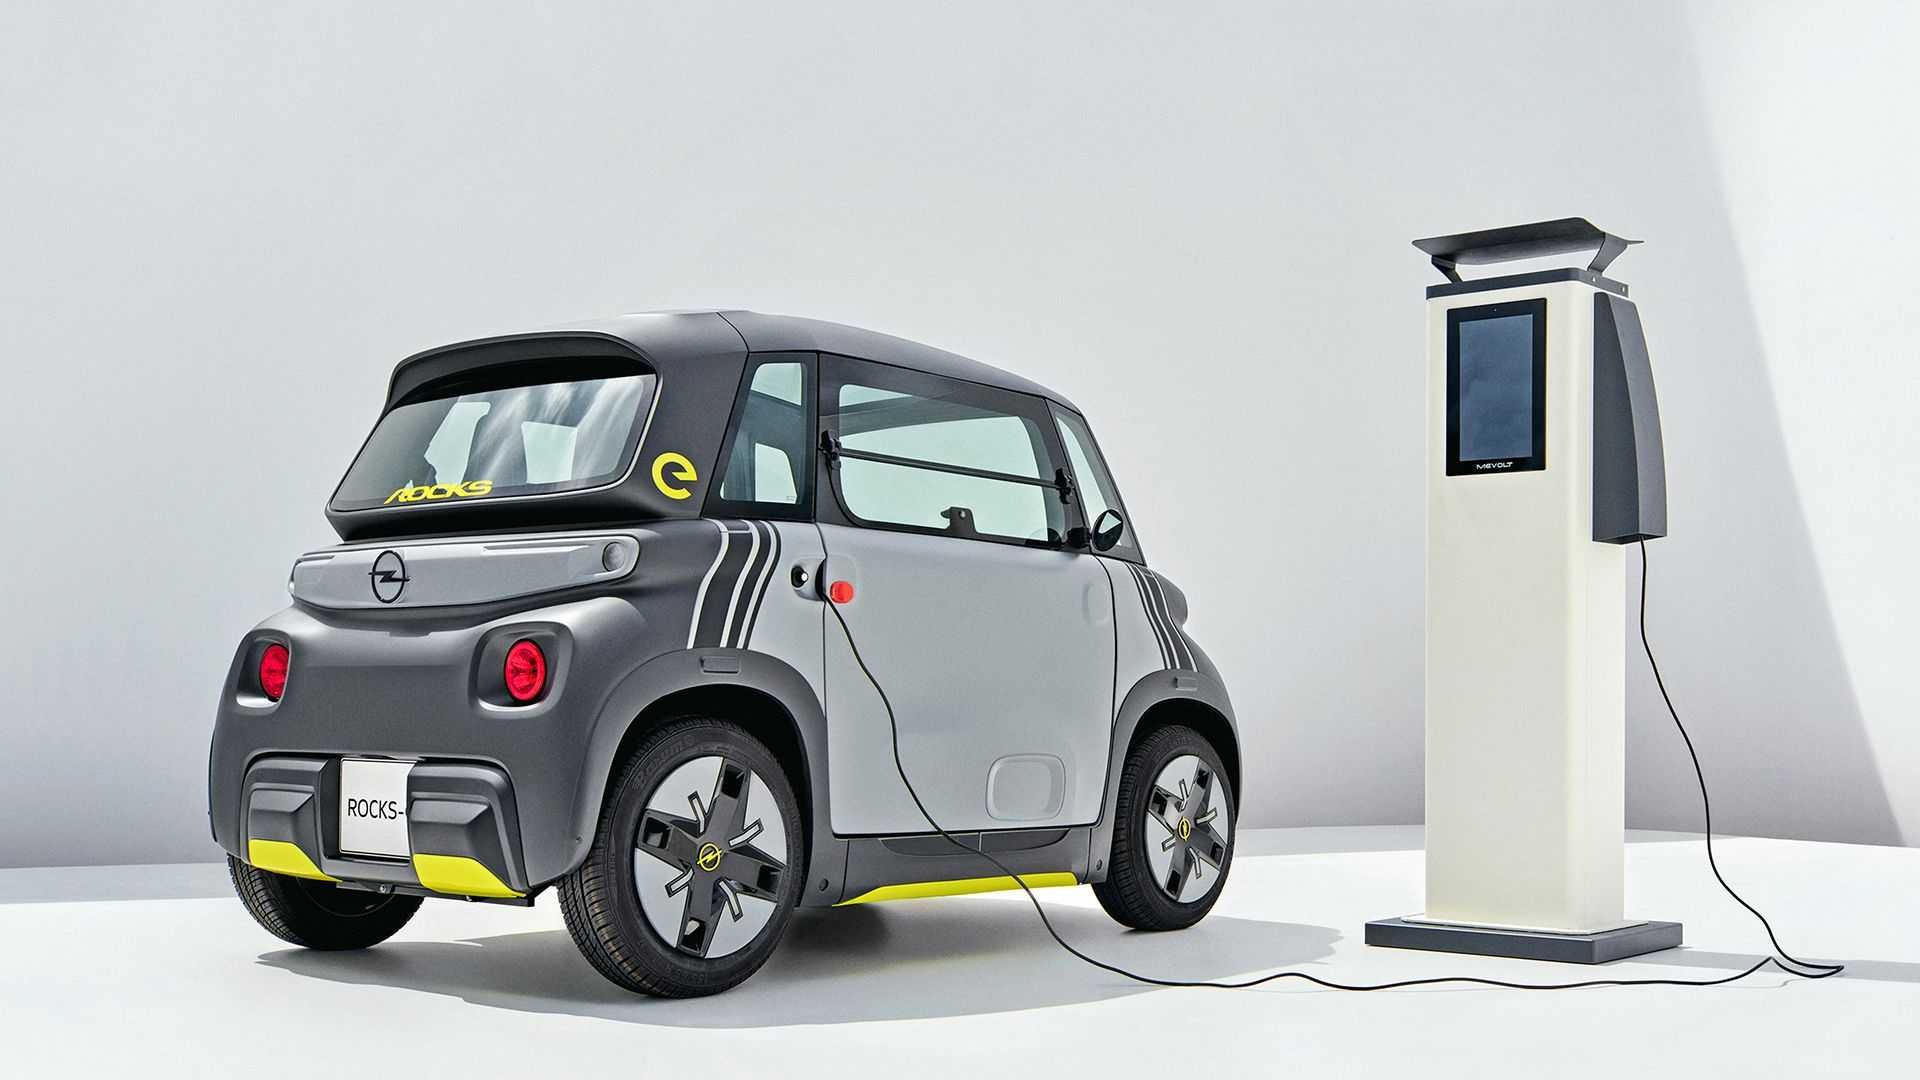 Opel представив компактний електромобіль Rocks-e - Motorcar